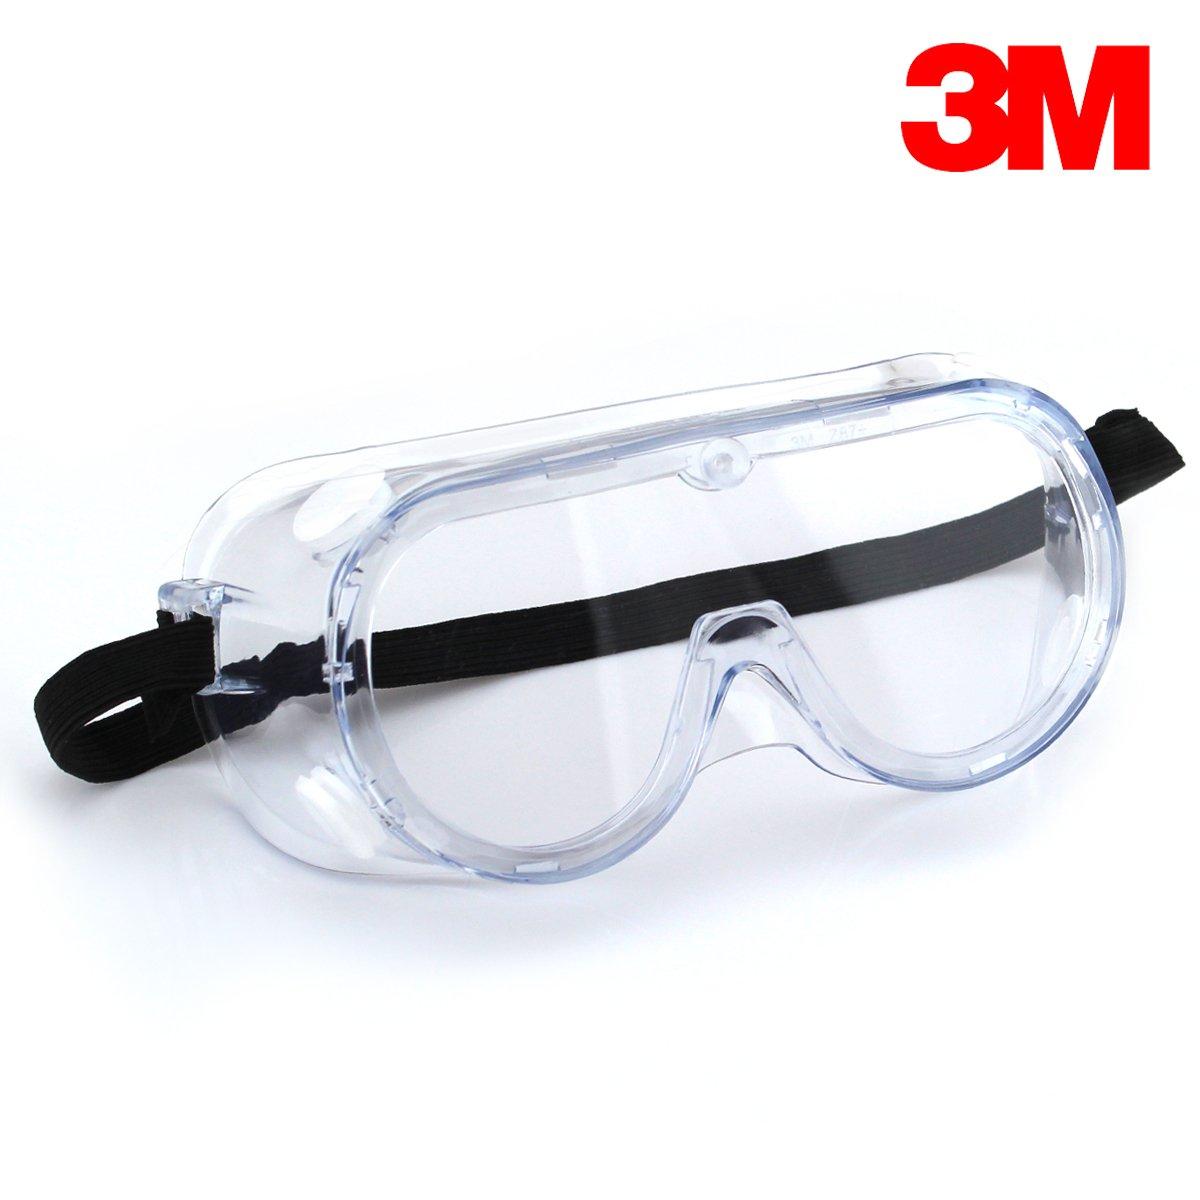 3M 1621 IN+ goggles